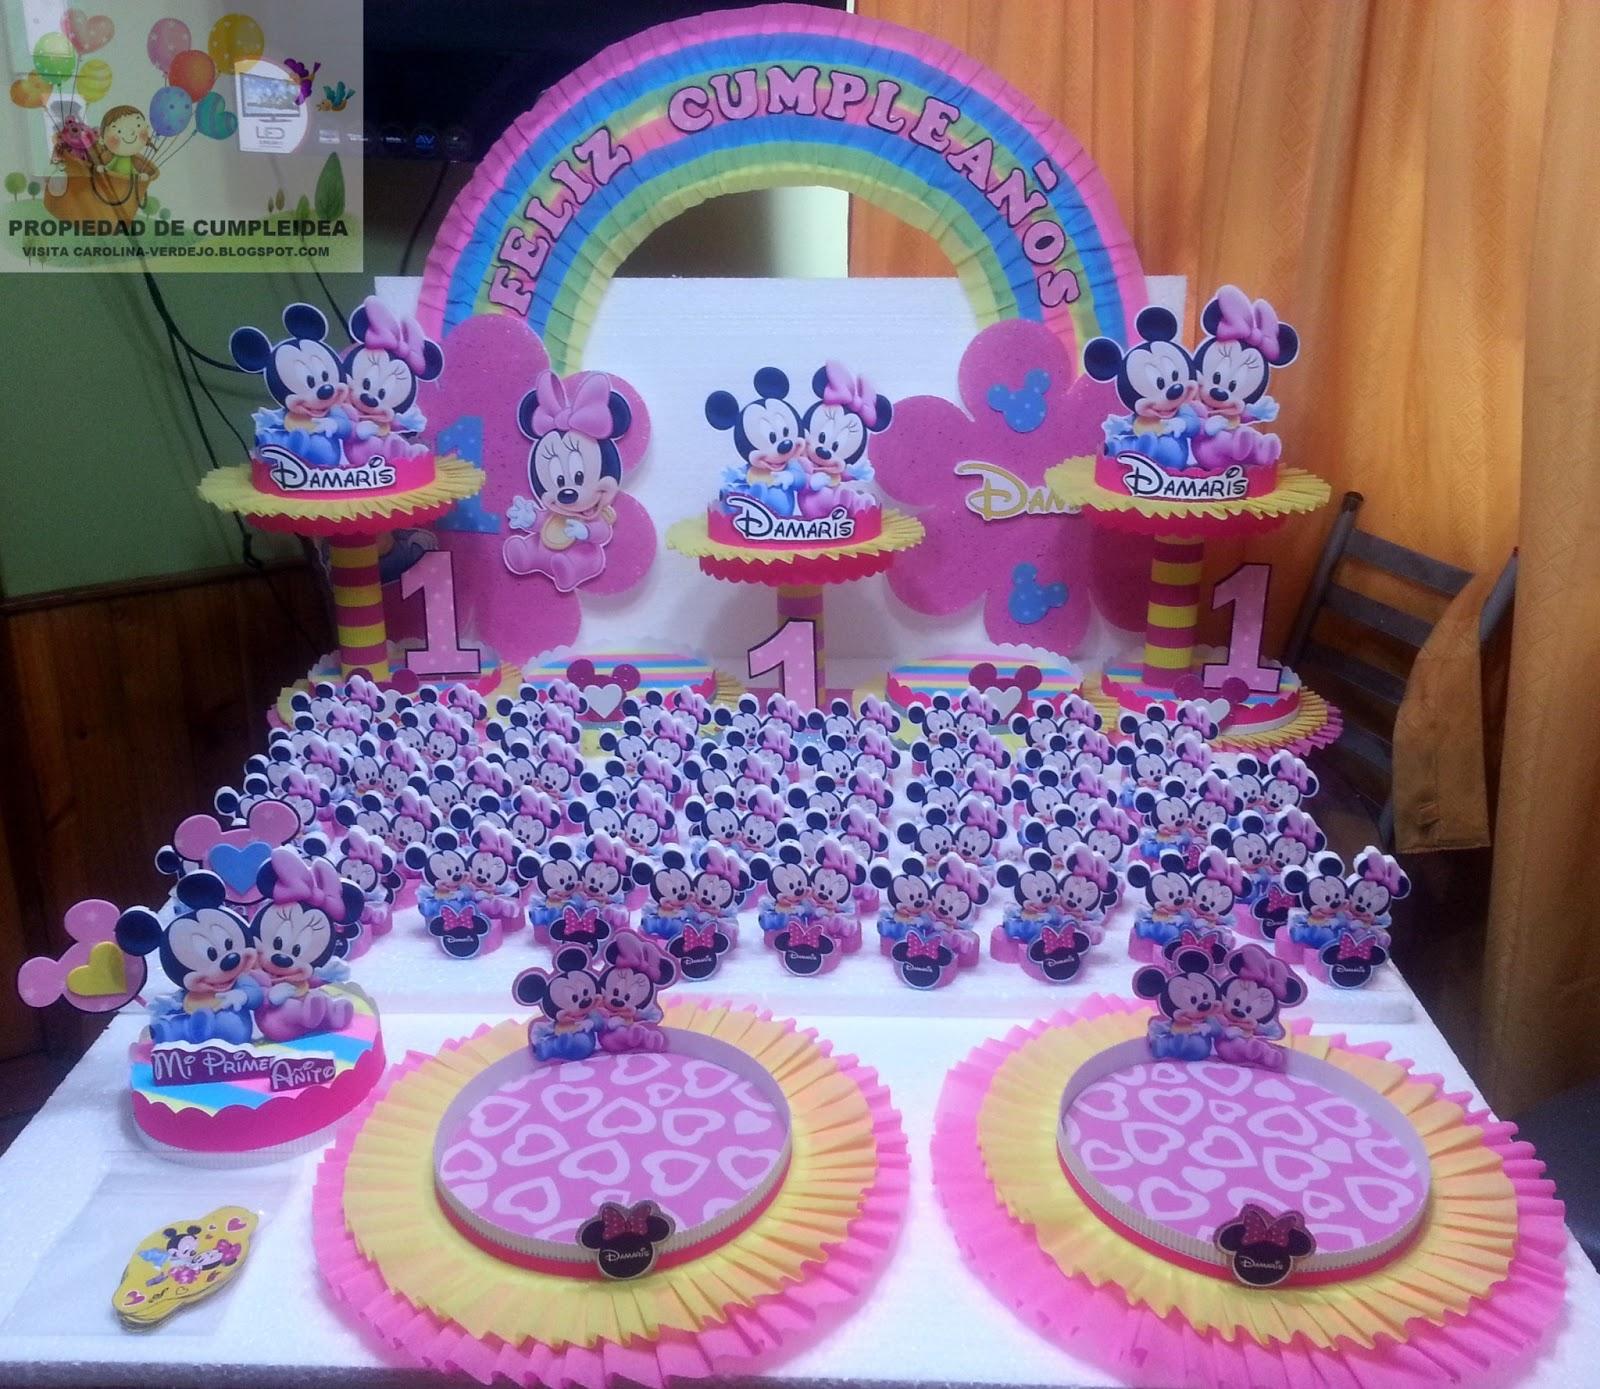 Decoraciones infantiles minnie y mickey bebe - Decoraciones para bebes ...